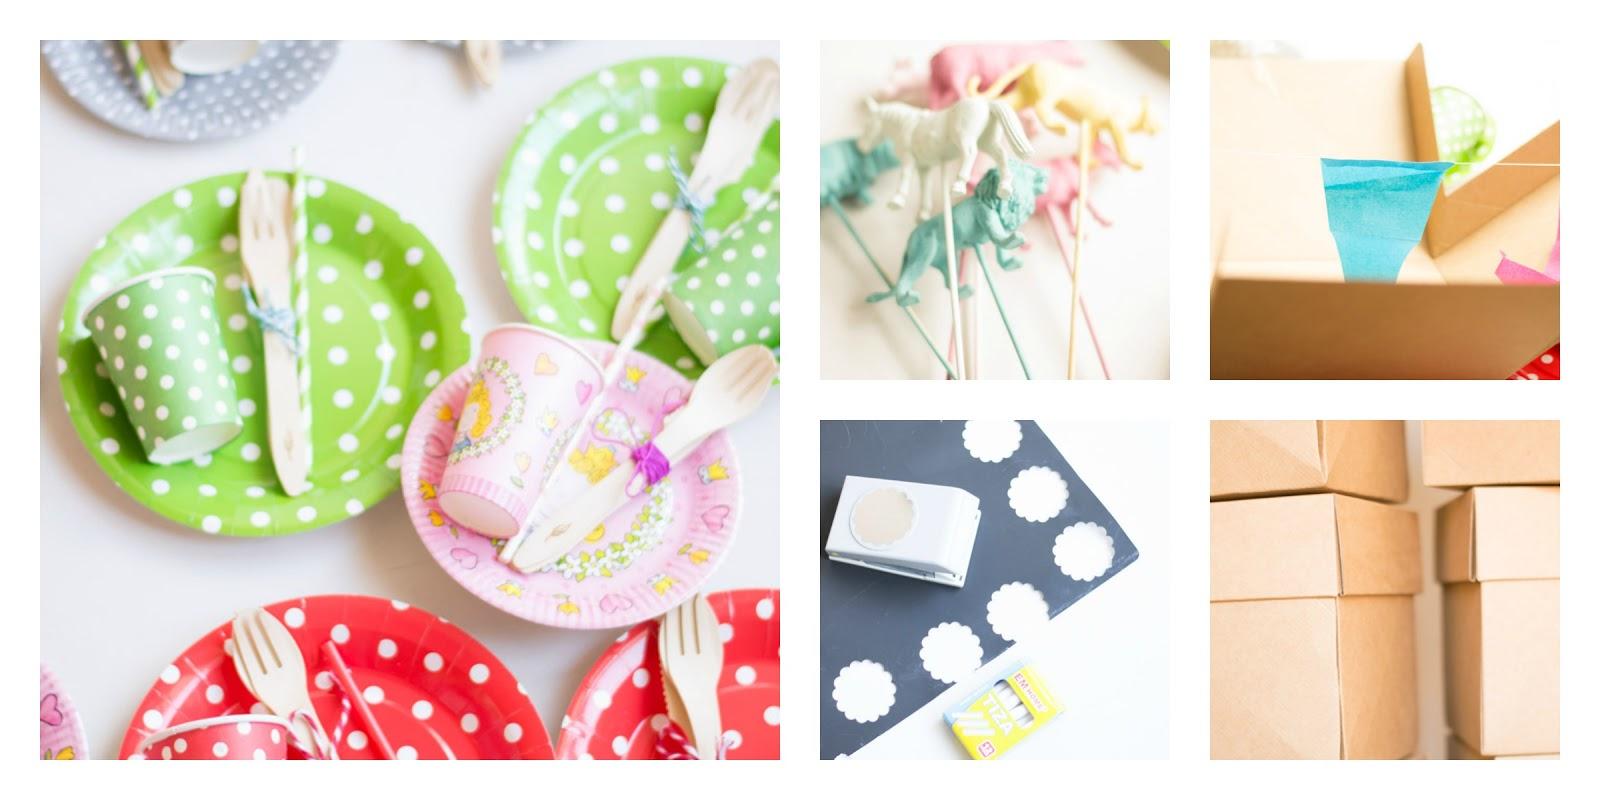 Regalos diy para ni os en bodas handbox craft lovers comunidad diy tutoriales diy kits diy - Regalos de boda para ninos ...